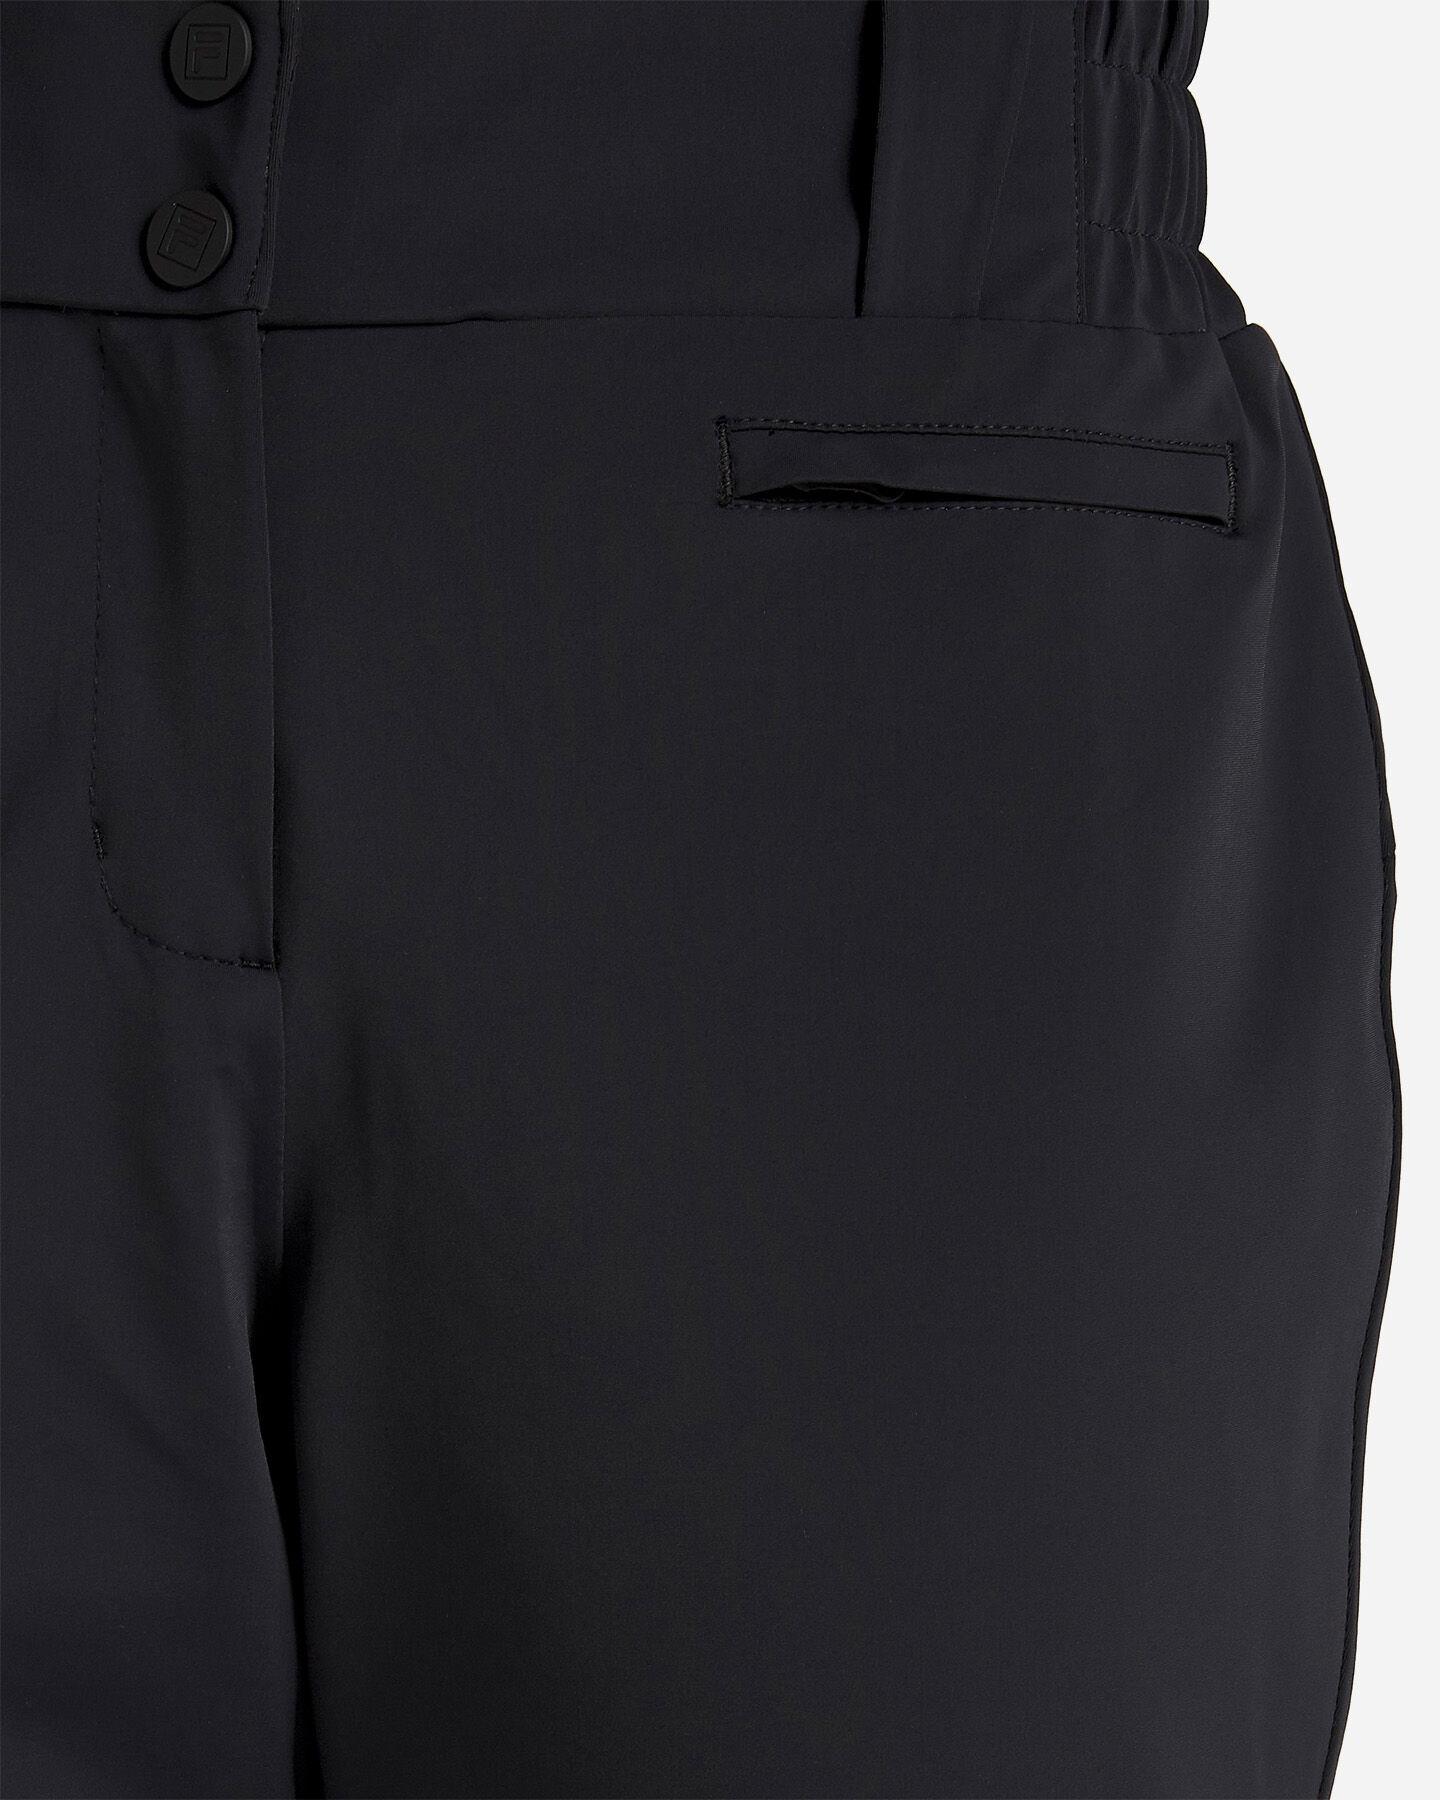 Pantalone sci FILA SKI TOP W S4058829 scatto 3